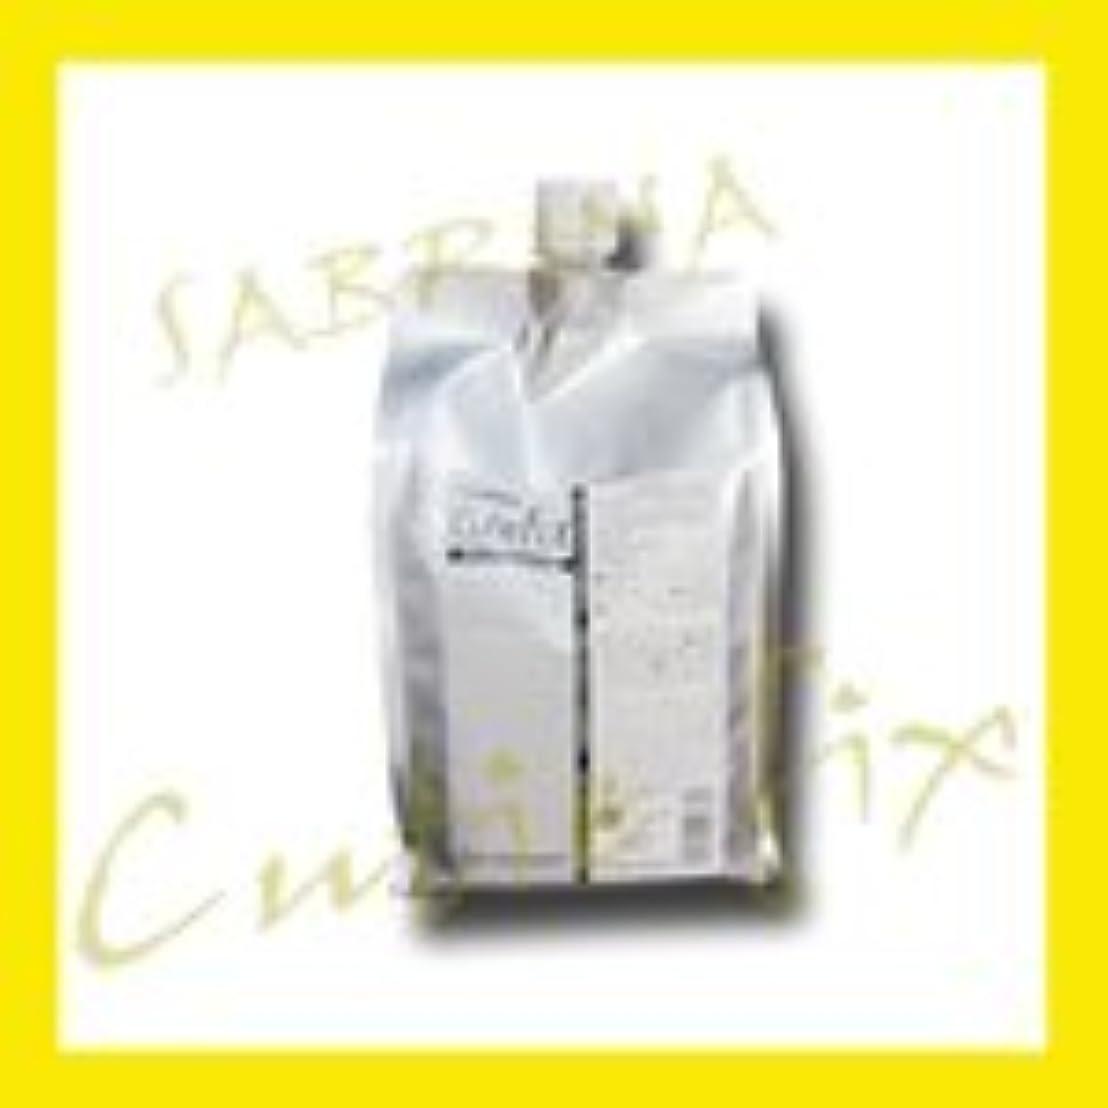 欠乏オーブン耐えられない中央有機化学 サブリナ キューティフィクス シャンプー 1000ml 詰替 プロフェッショナル